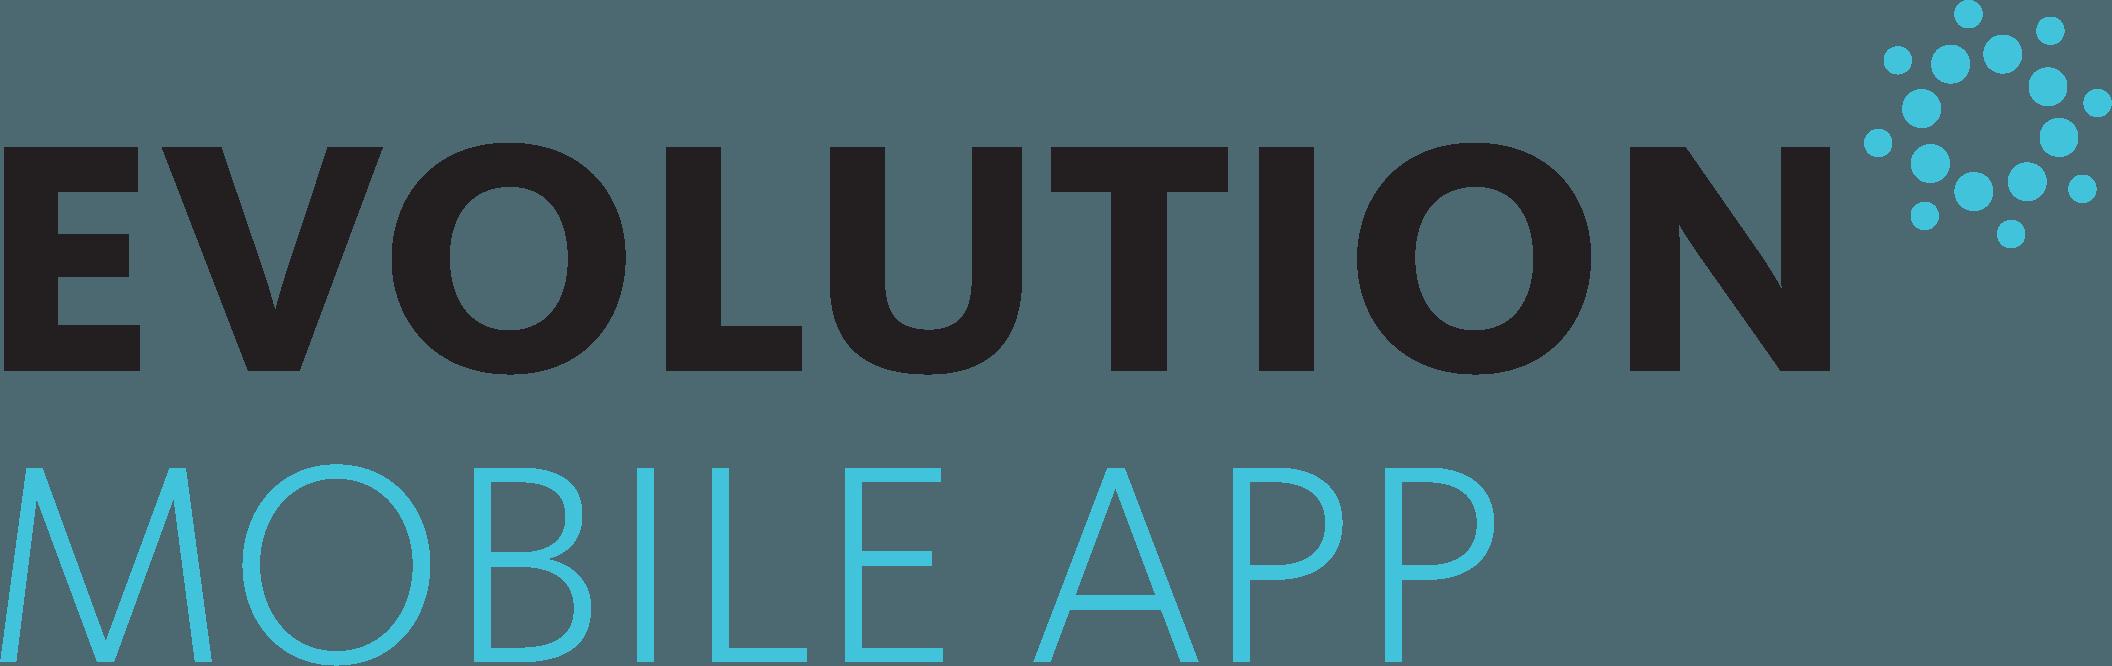 Medtech Evolution Mobile App